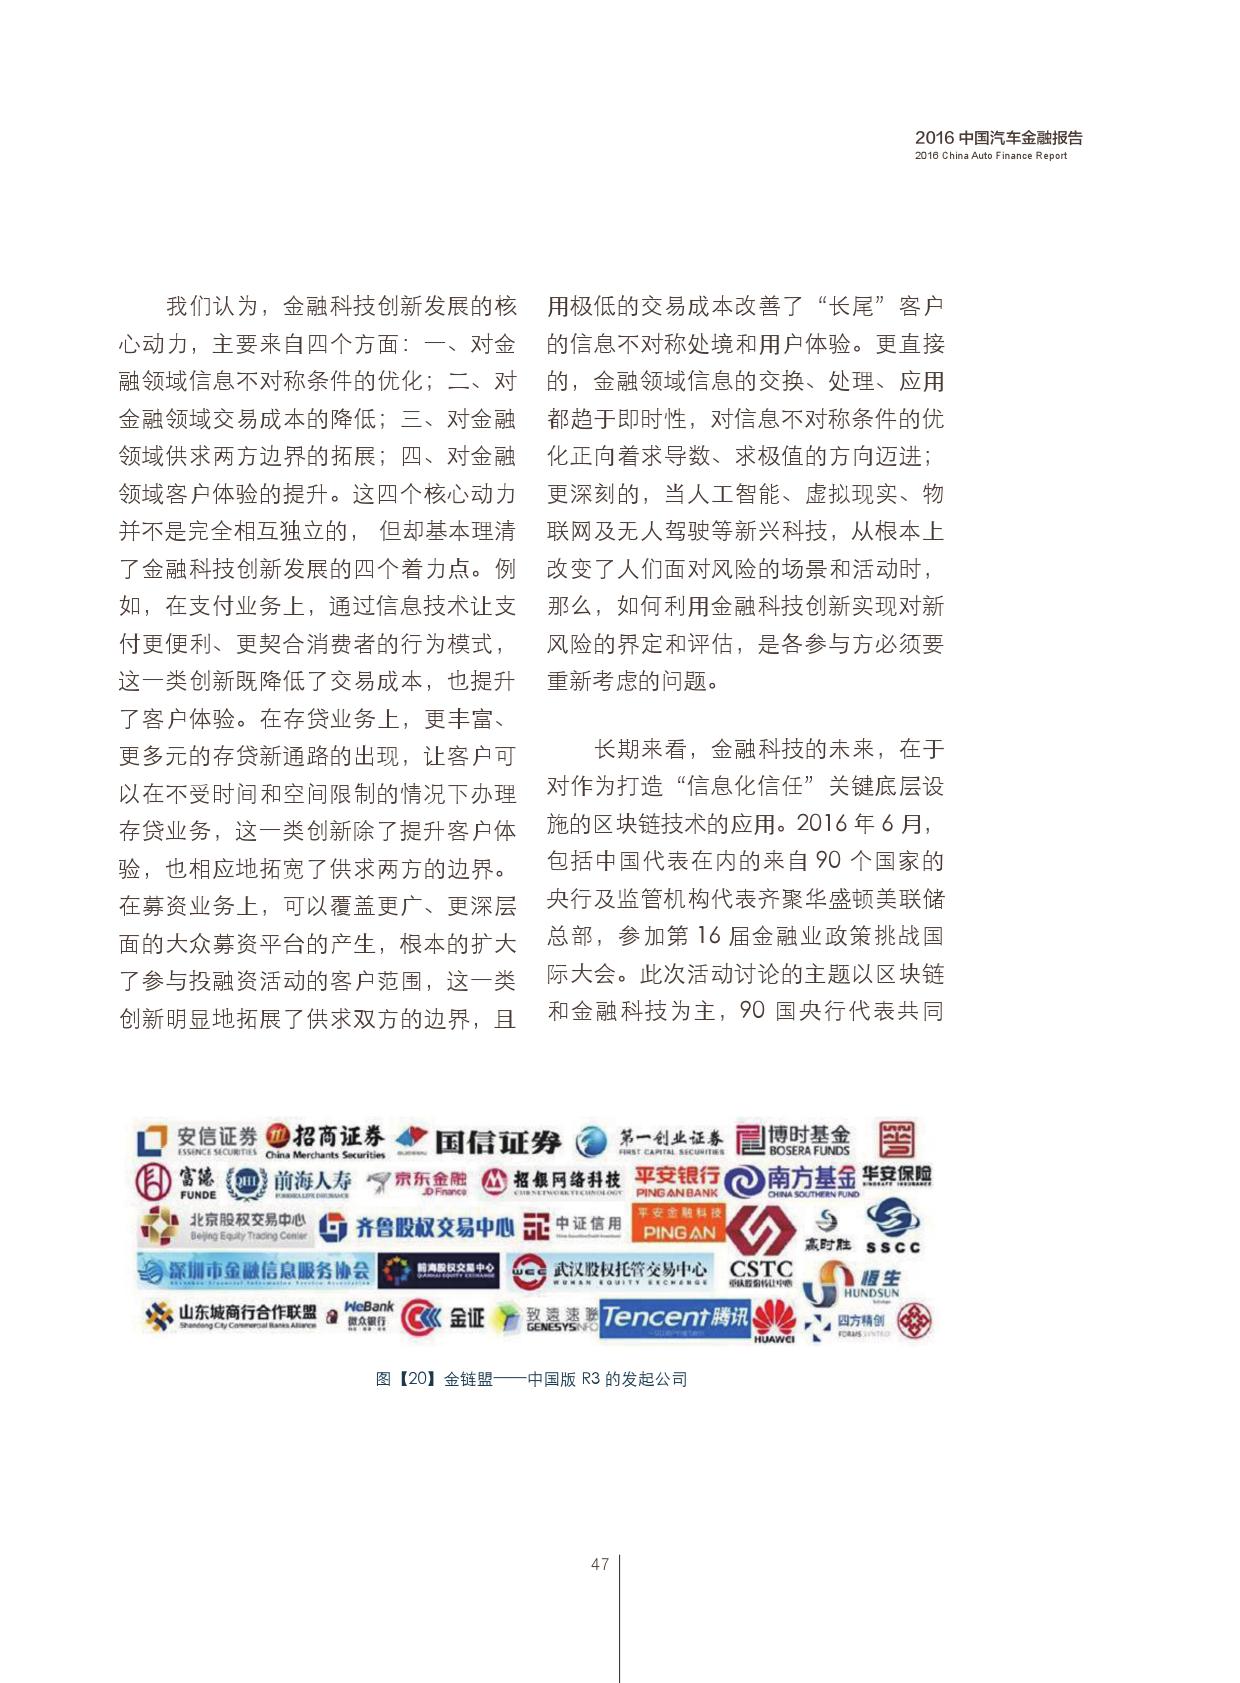 2016中国汽车金融报告_000048